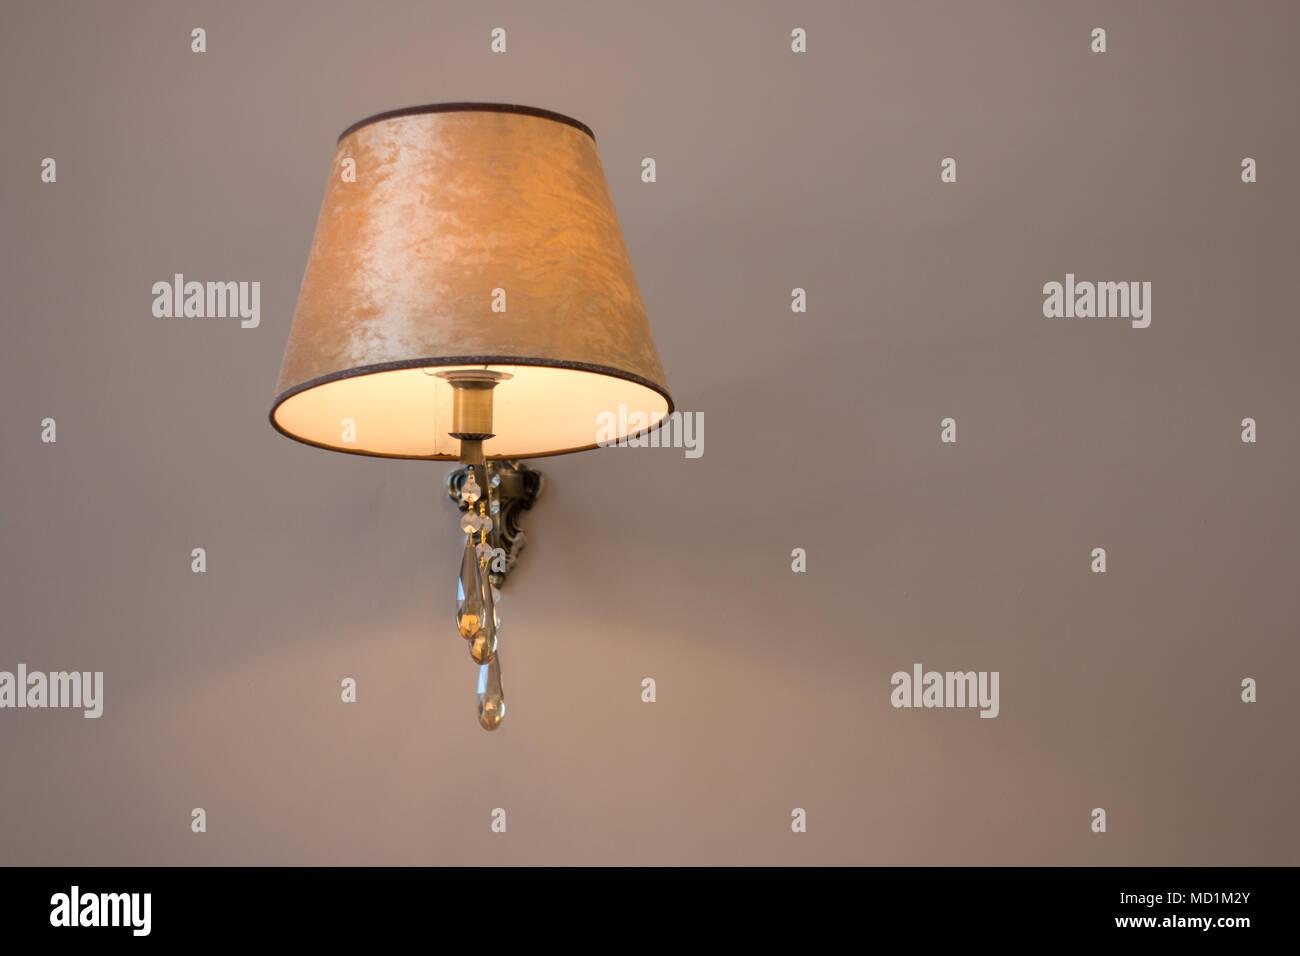 Lampada Vintage Da Parete : Il vintage lampada da parete sono appesi al muro. spazio vuoto per